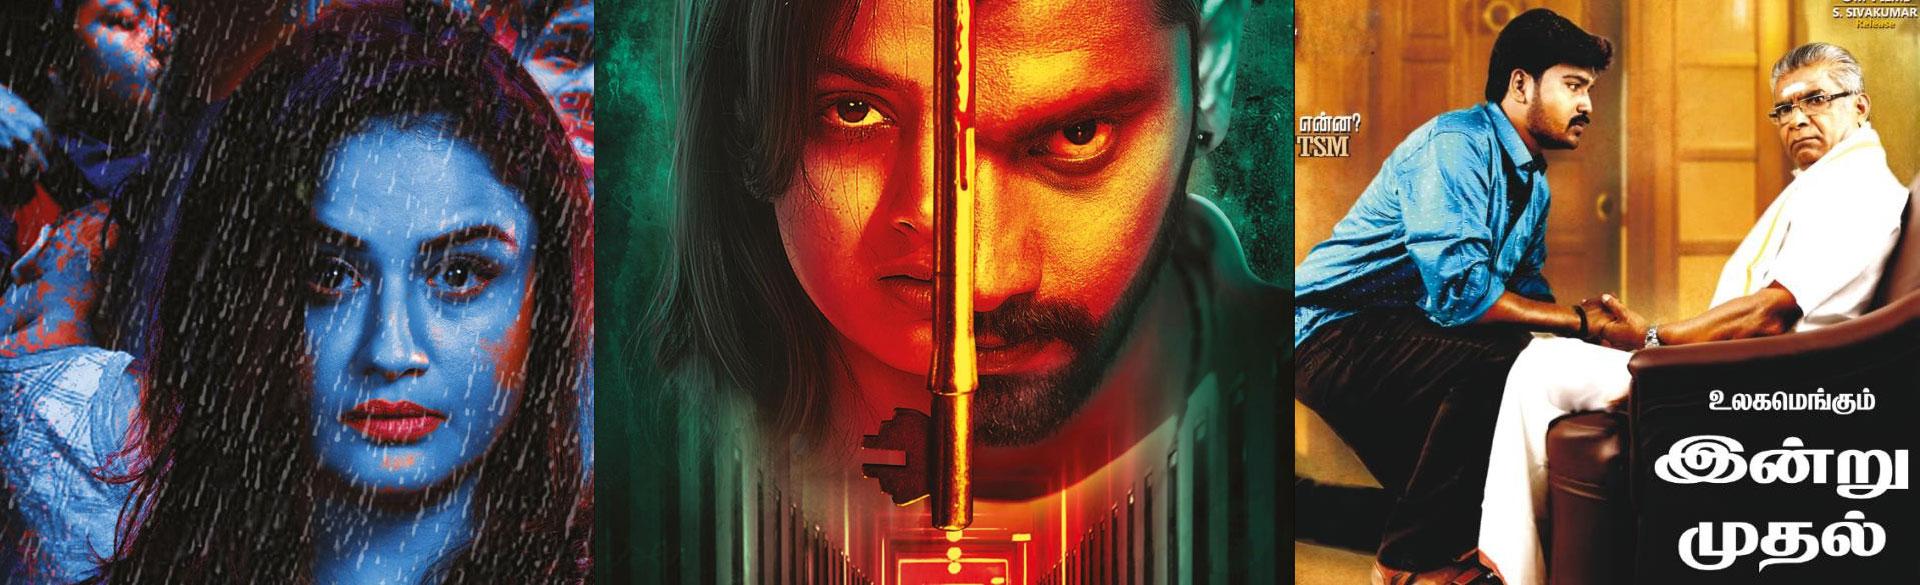 இன்று மே 3, 2019 வெளியாகும் படங்கள்...- Tamil Movies Database